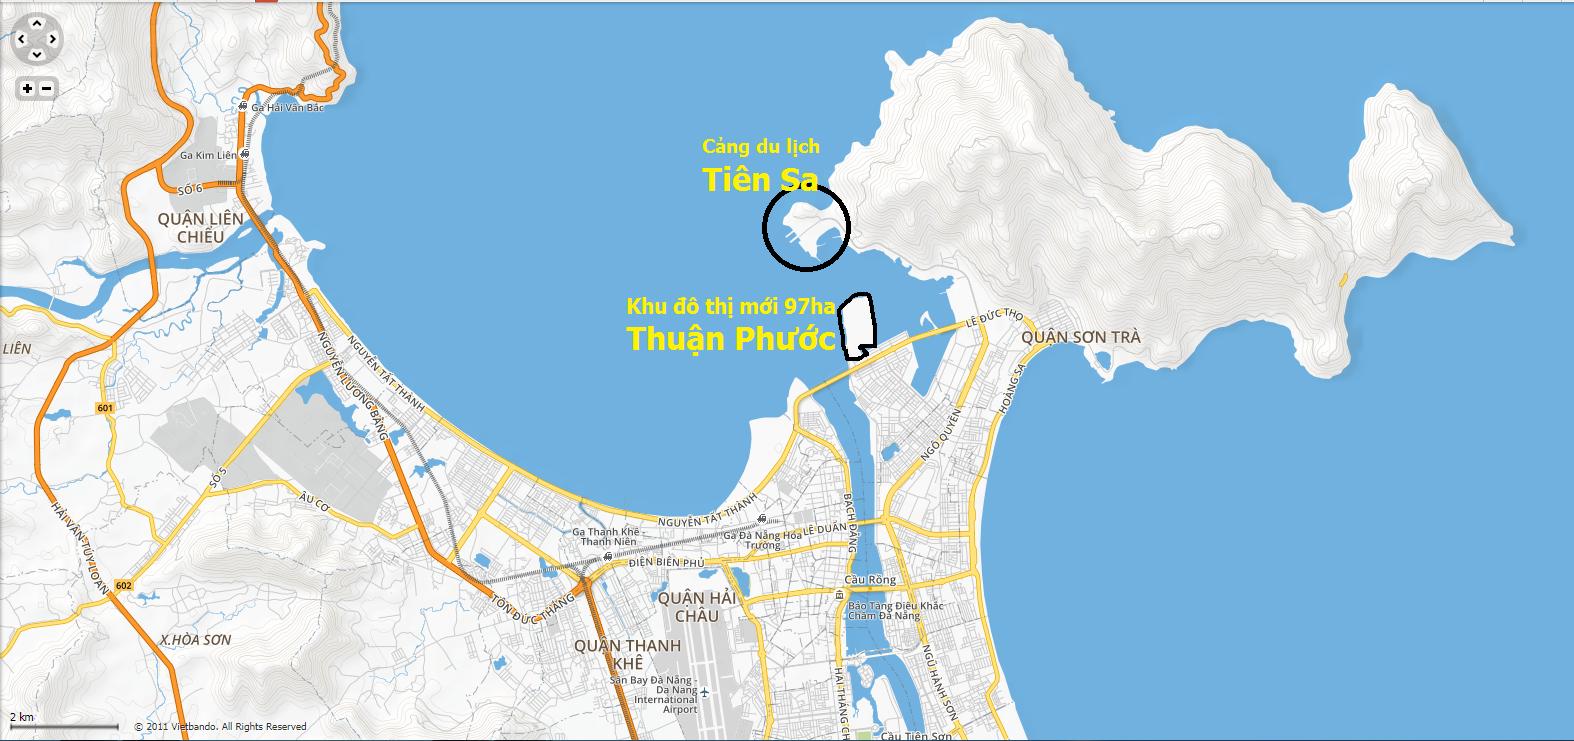 """Vị trí Kim Long Ocean """"lưng tựa núi và 2 mặt giáp biển"""""""